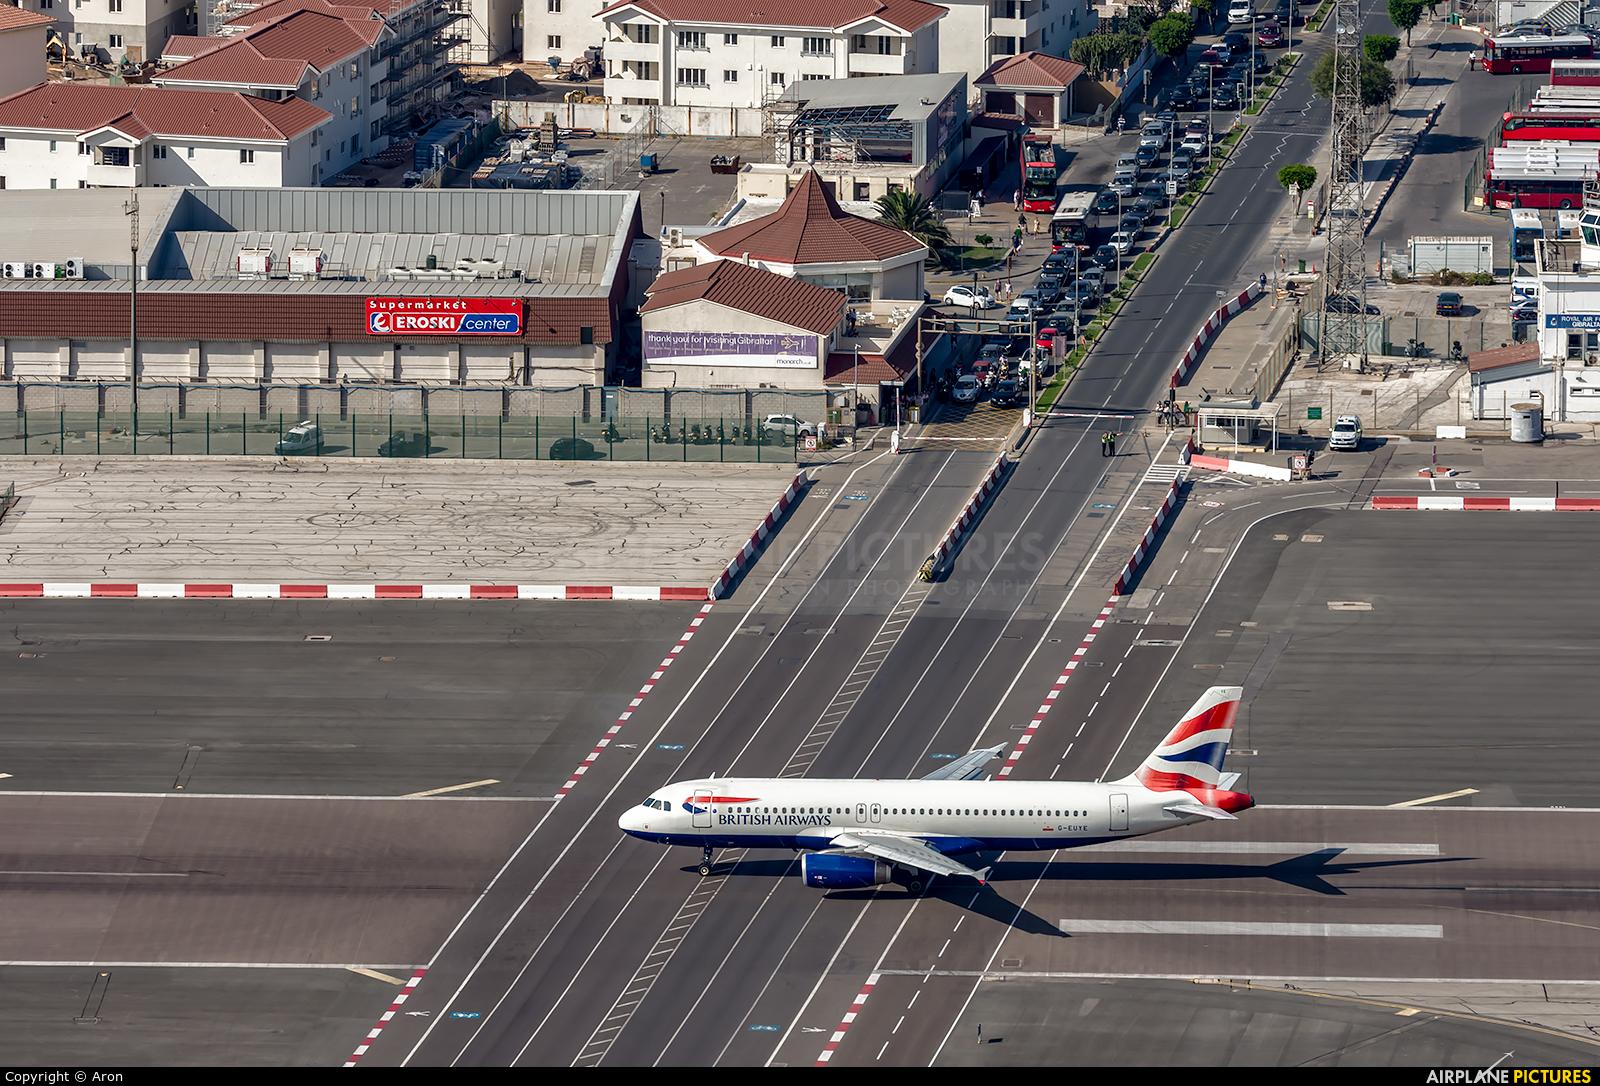 British Airways G-EUYE aircraft at Gibraltar